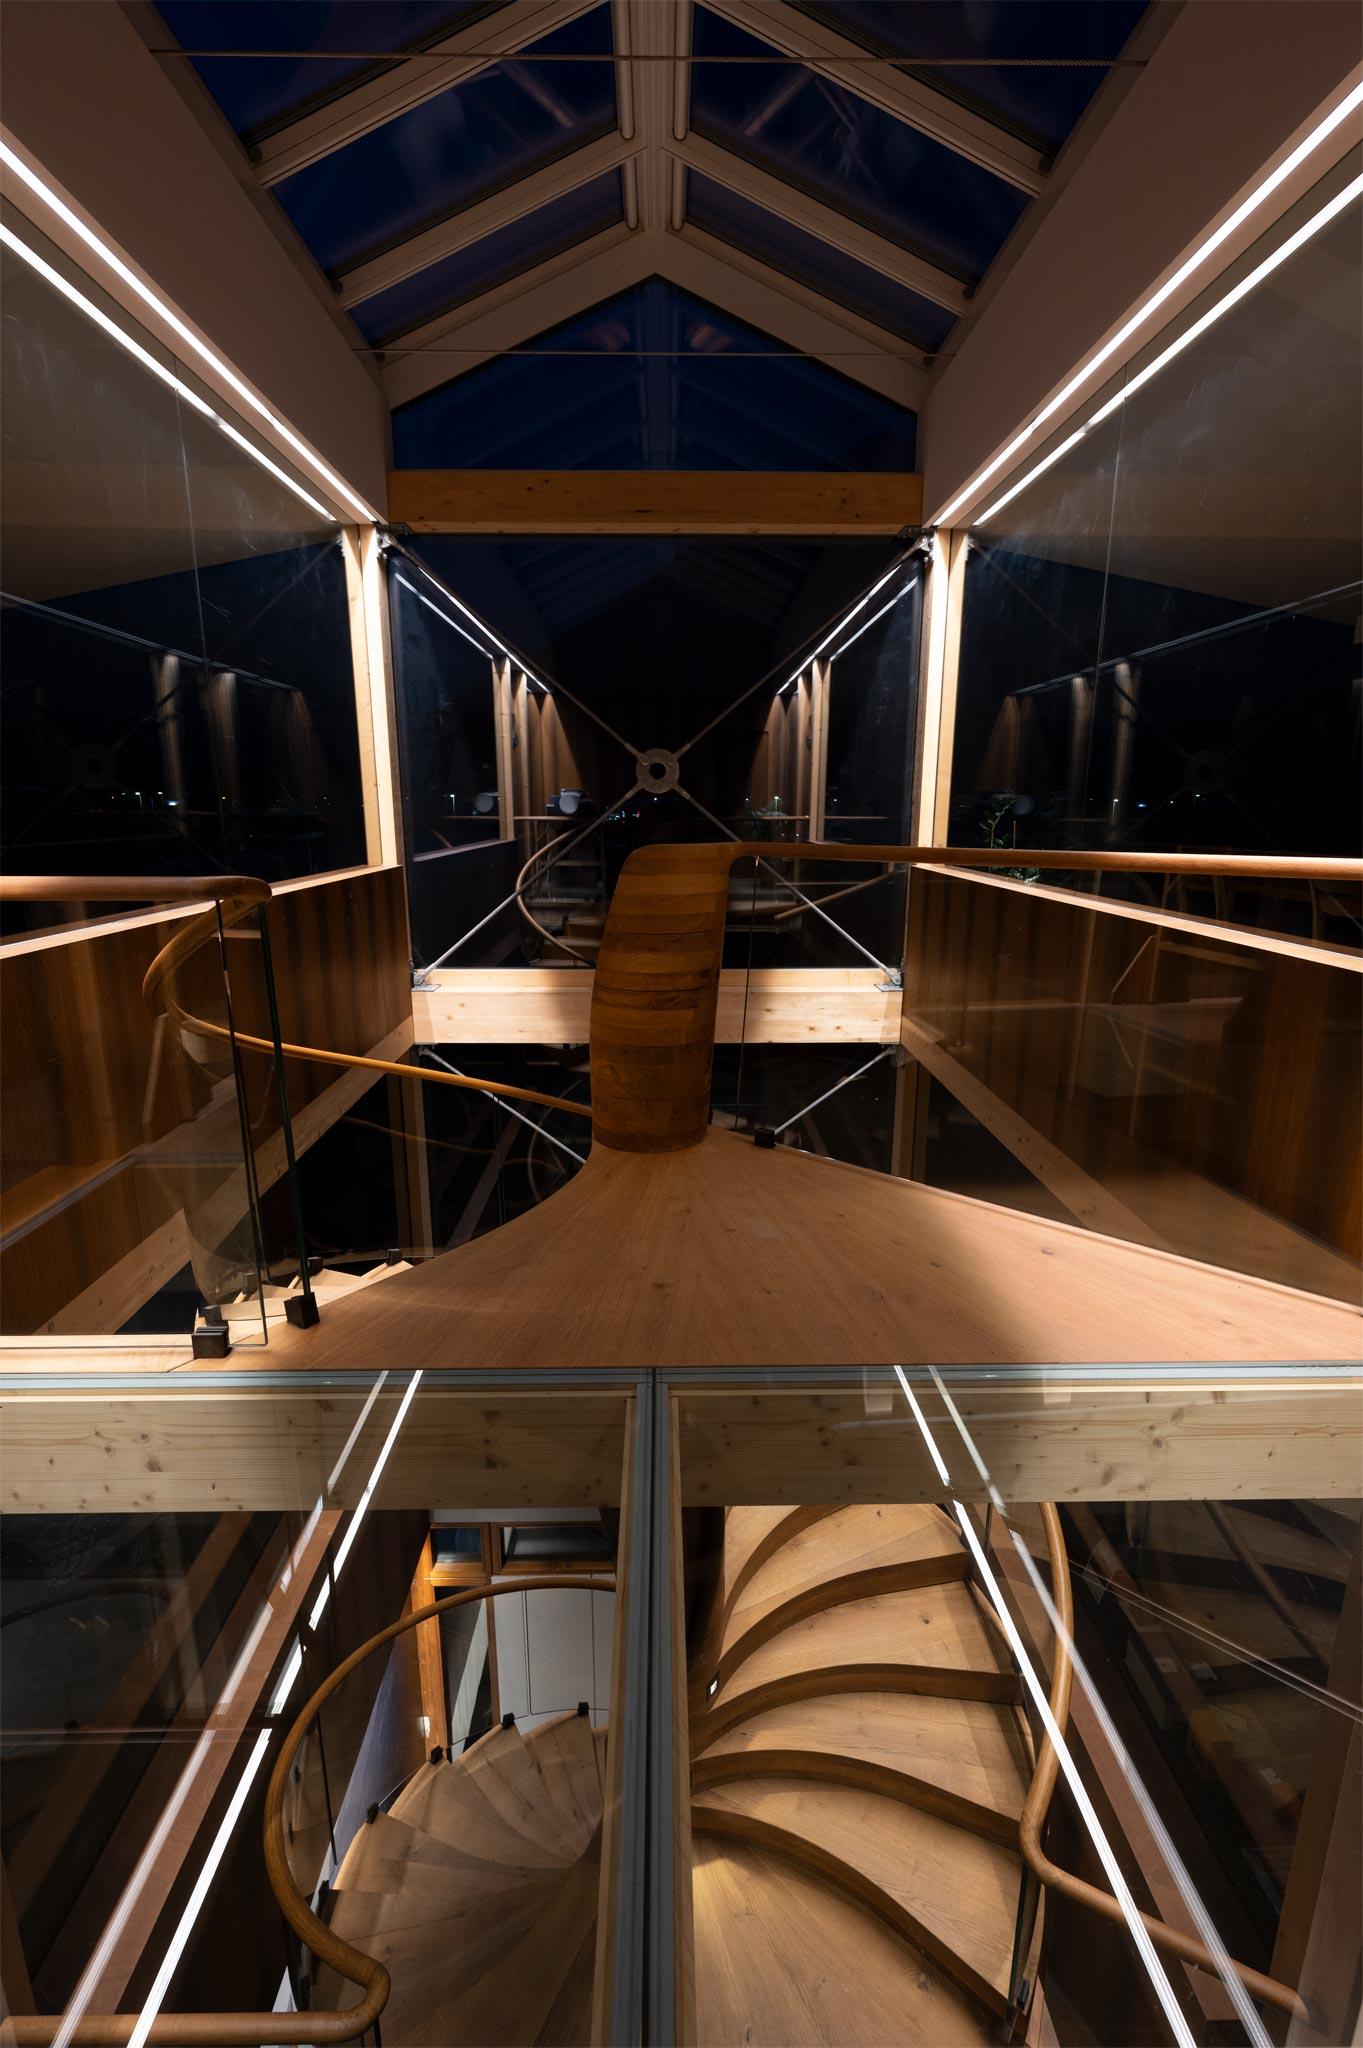 ES ShowR escalier vtc 21 02 1037 - Escalier Showroom ESKISS